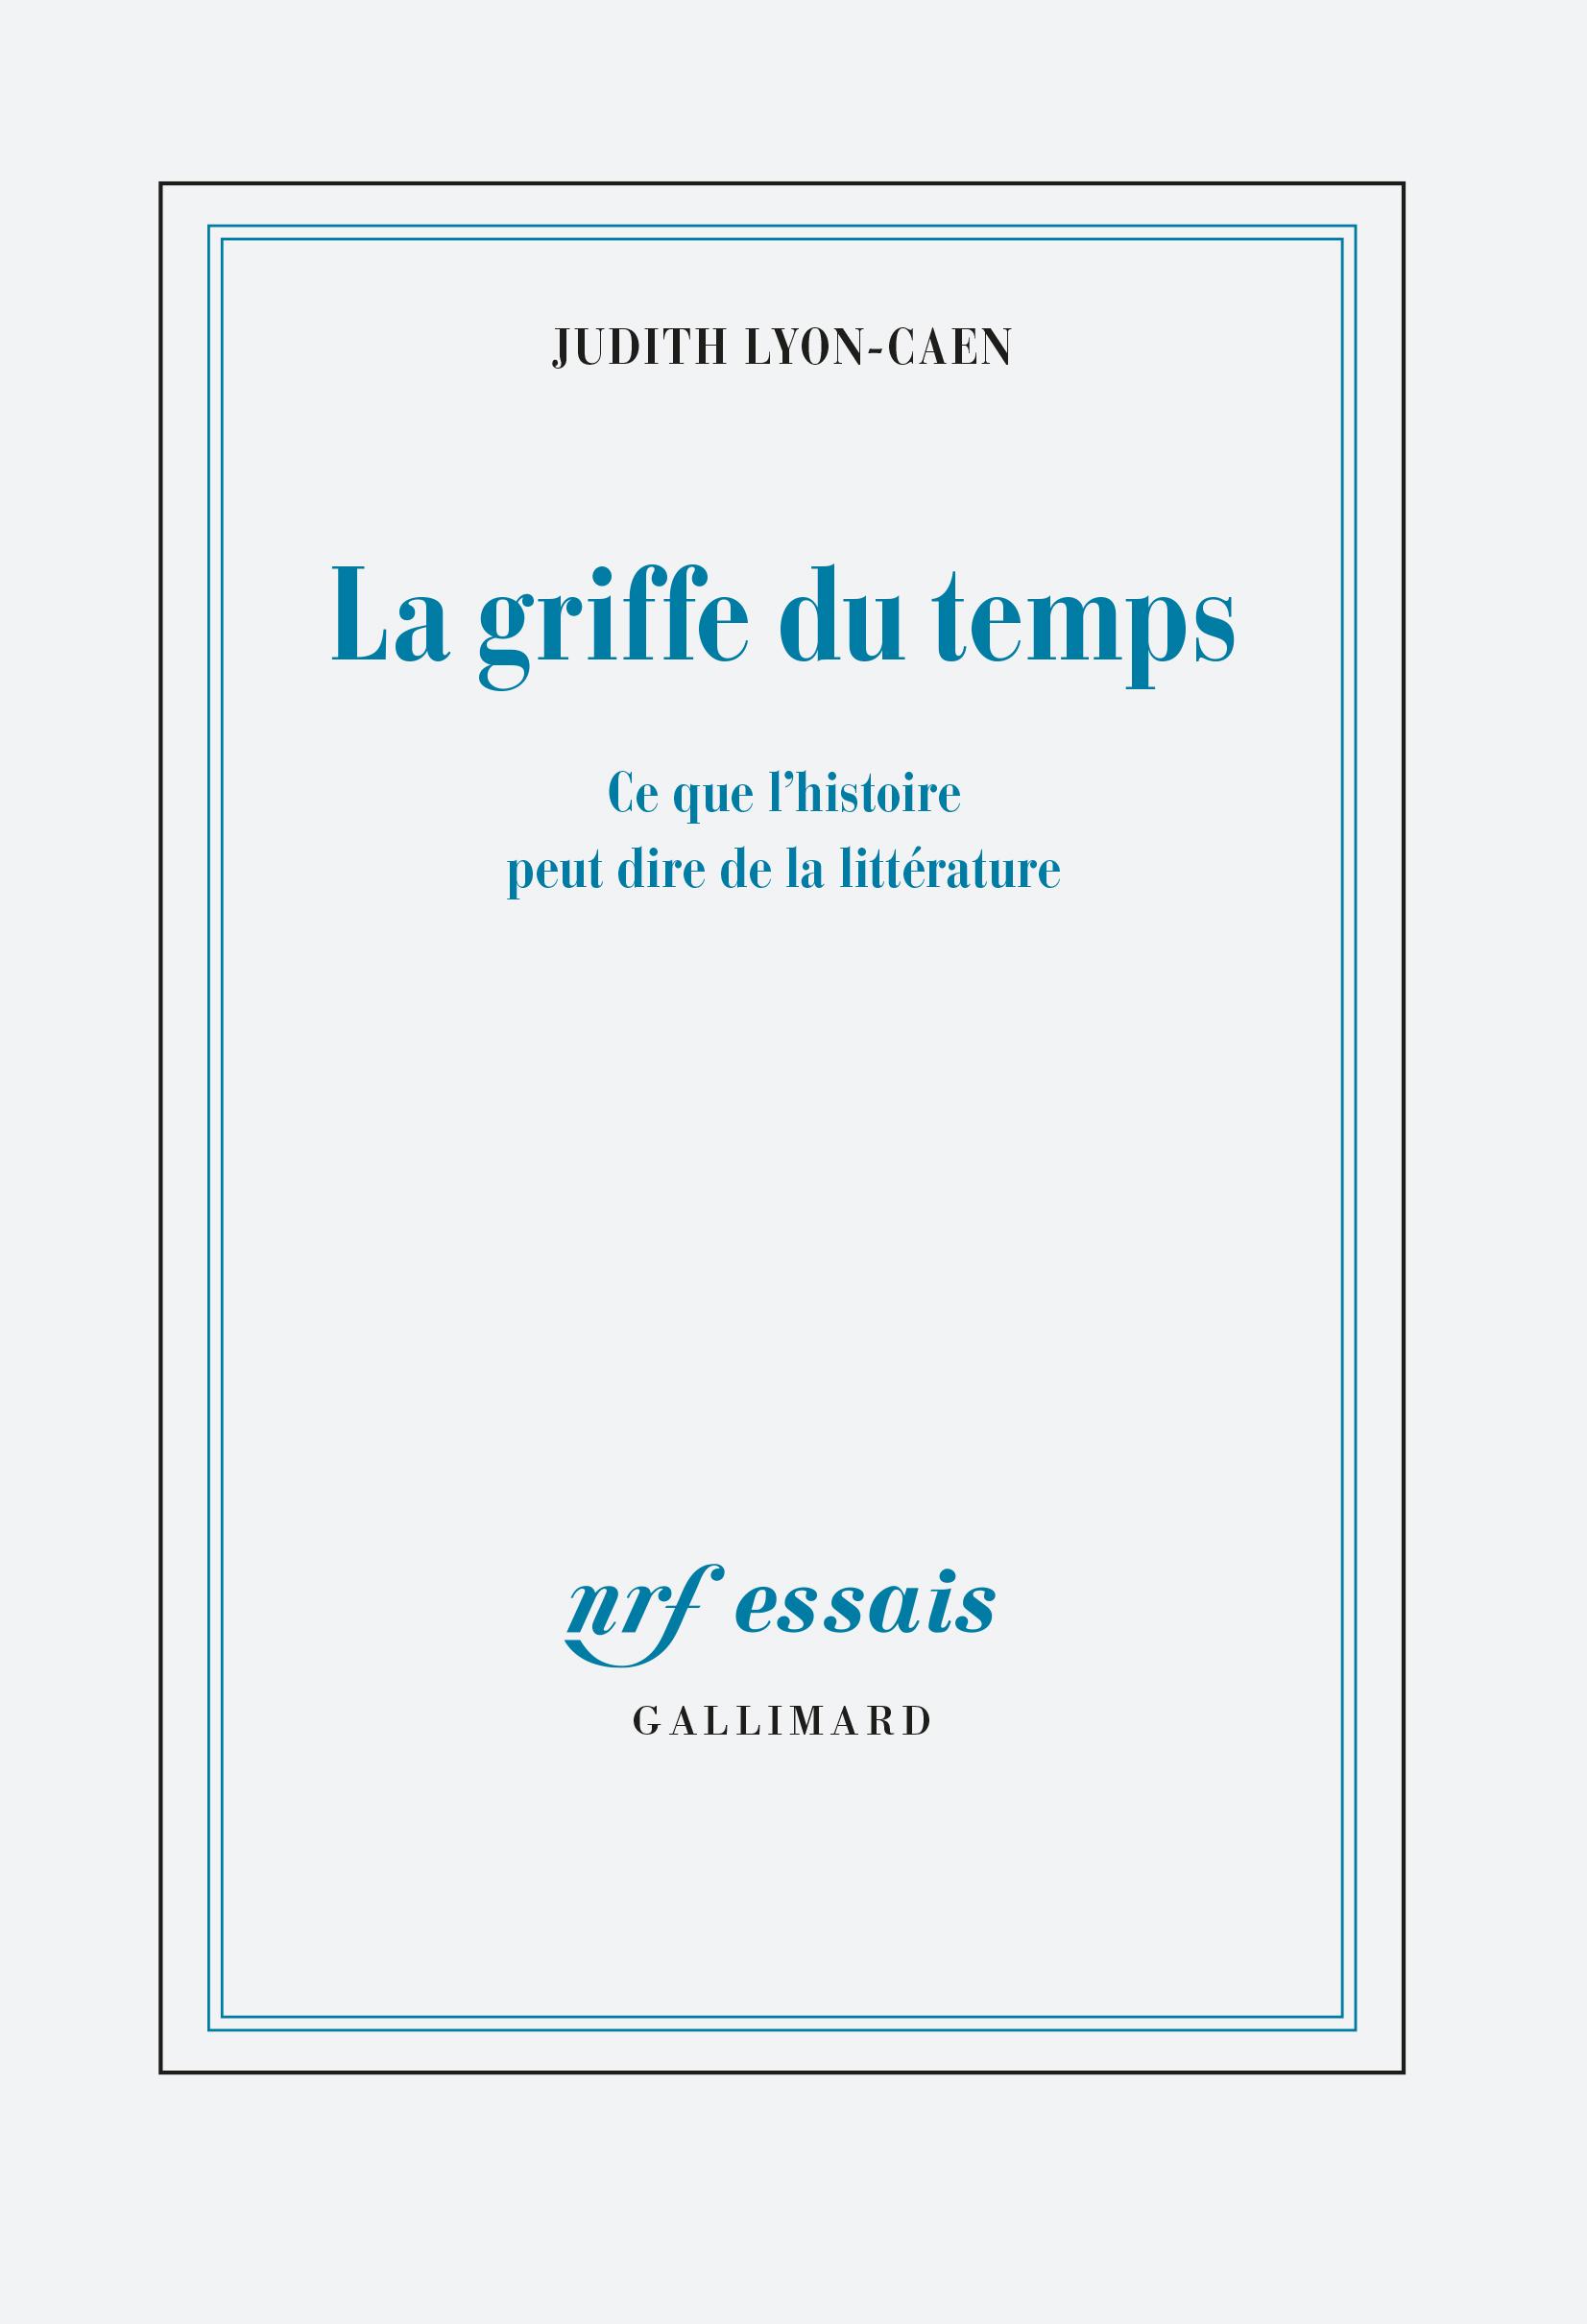 Ce que l'histoire peut dire de la littérature: autour du livre de Judith Lyon-Caen La Griffe du temps (Reid Hall, Paris)